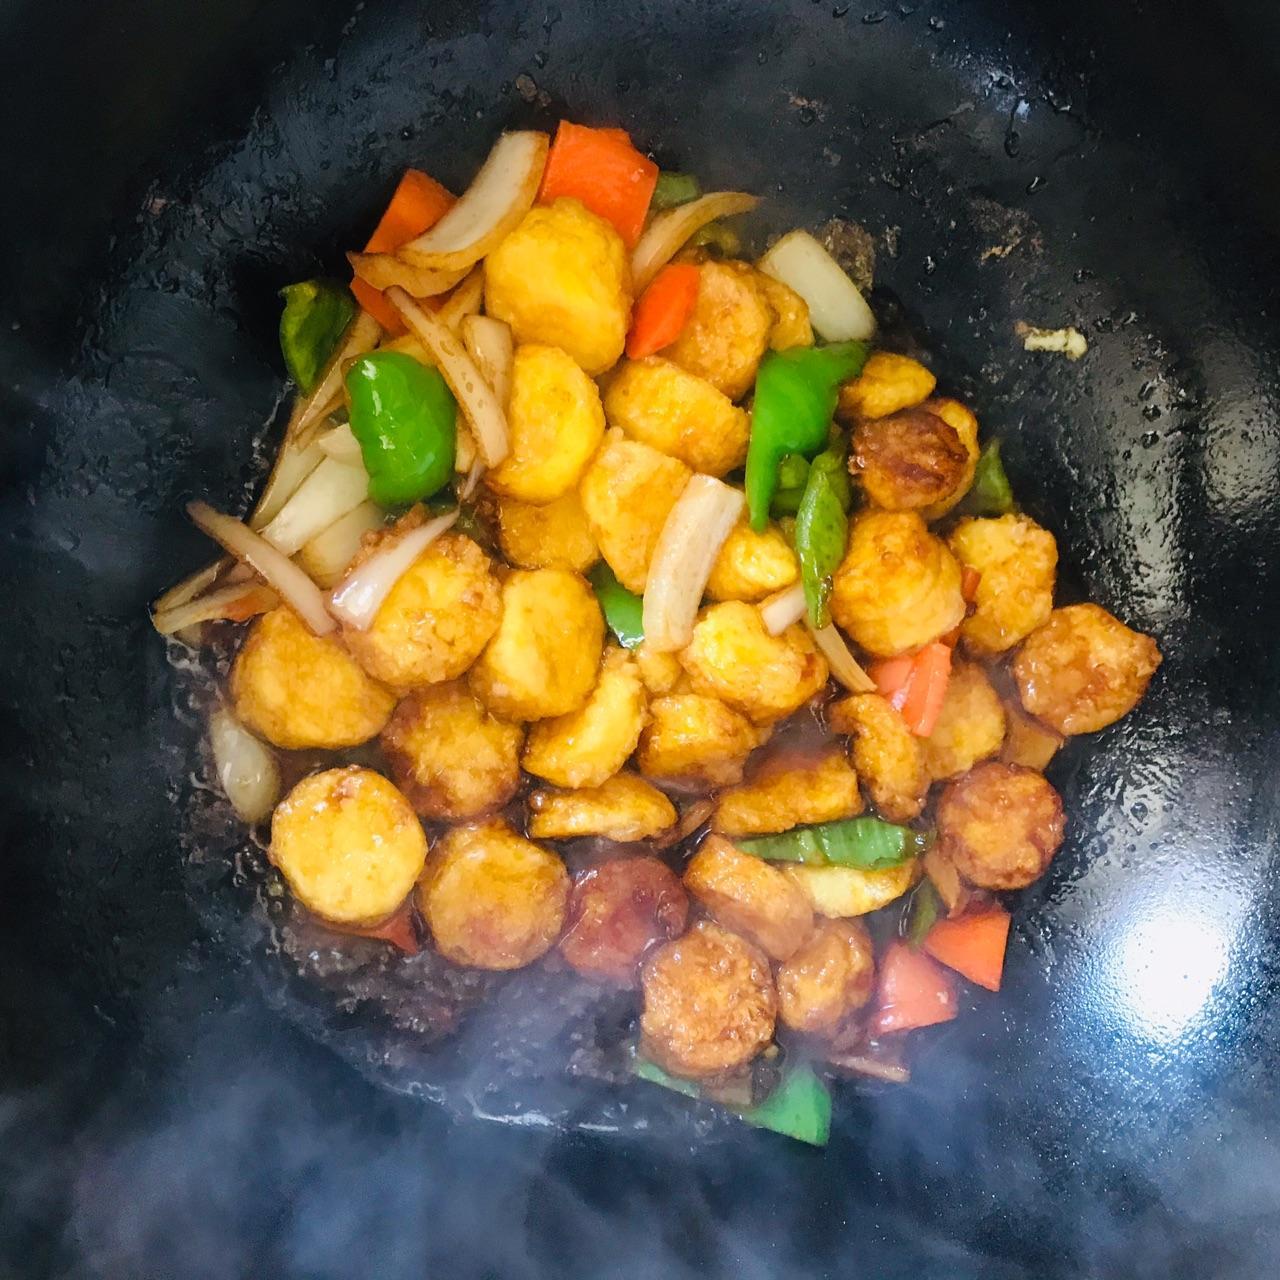 日本豆腐的家常做法_金针菇日本豆腐的做法  第2张